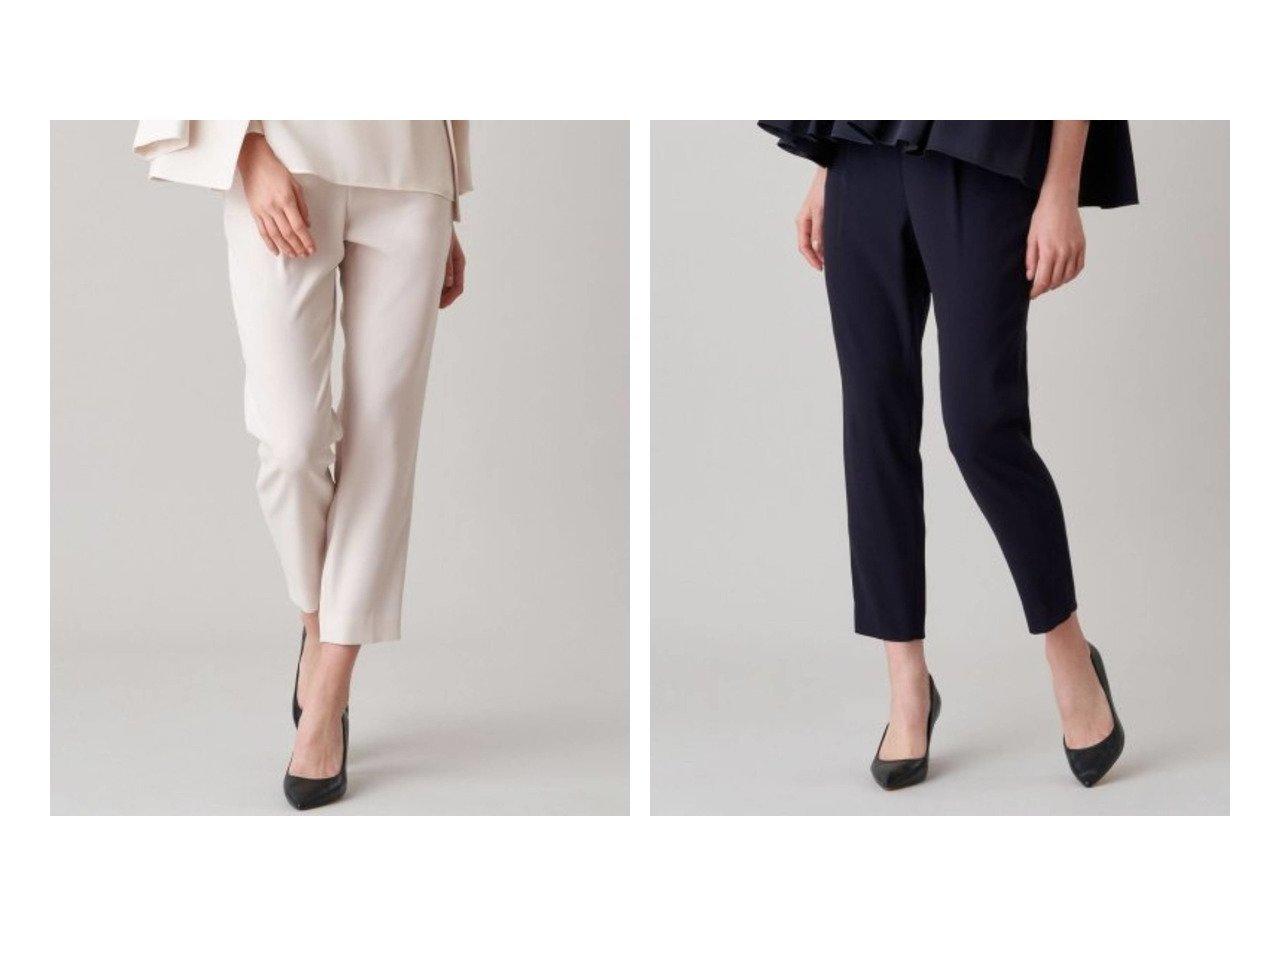 【ANAYI/アナイ】の【2021 Eternal Line】ジョーゼットテーパードパンツ パンツのおすすめ!人気、トレンド・レディースファッションの通販 おすすめで人気の流行・トレンド、ファッションの通販商品 メンズファッション・キッズファッション・インテリア・家具・レディースファッション・服の通販 founy(ファニー) https://founy.com/ ファッション Fashion レディースファッション WOMEN パンツ Pants ギャザー サテン ジョーゼット スーツ セットアップ 定番 Standard バランス フロント ポケット リラックス NEW・新作・新着・新入荷 New Arrivals |ID:crp329100000016268